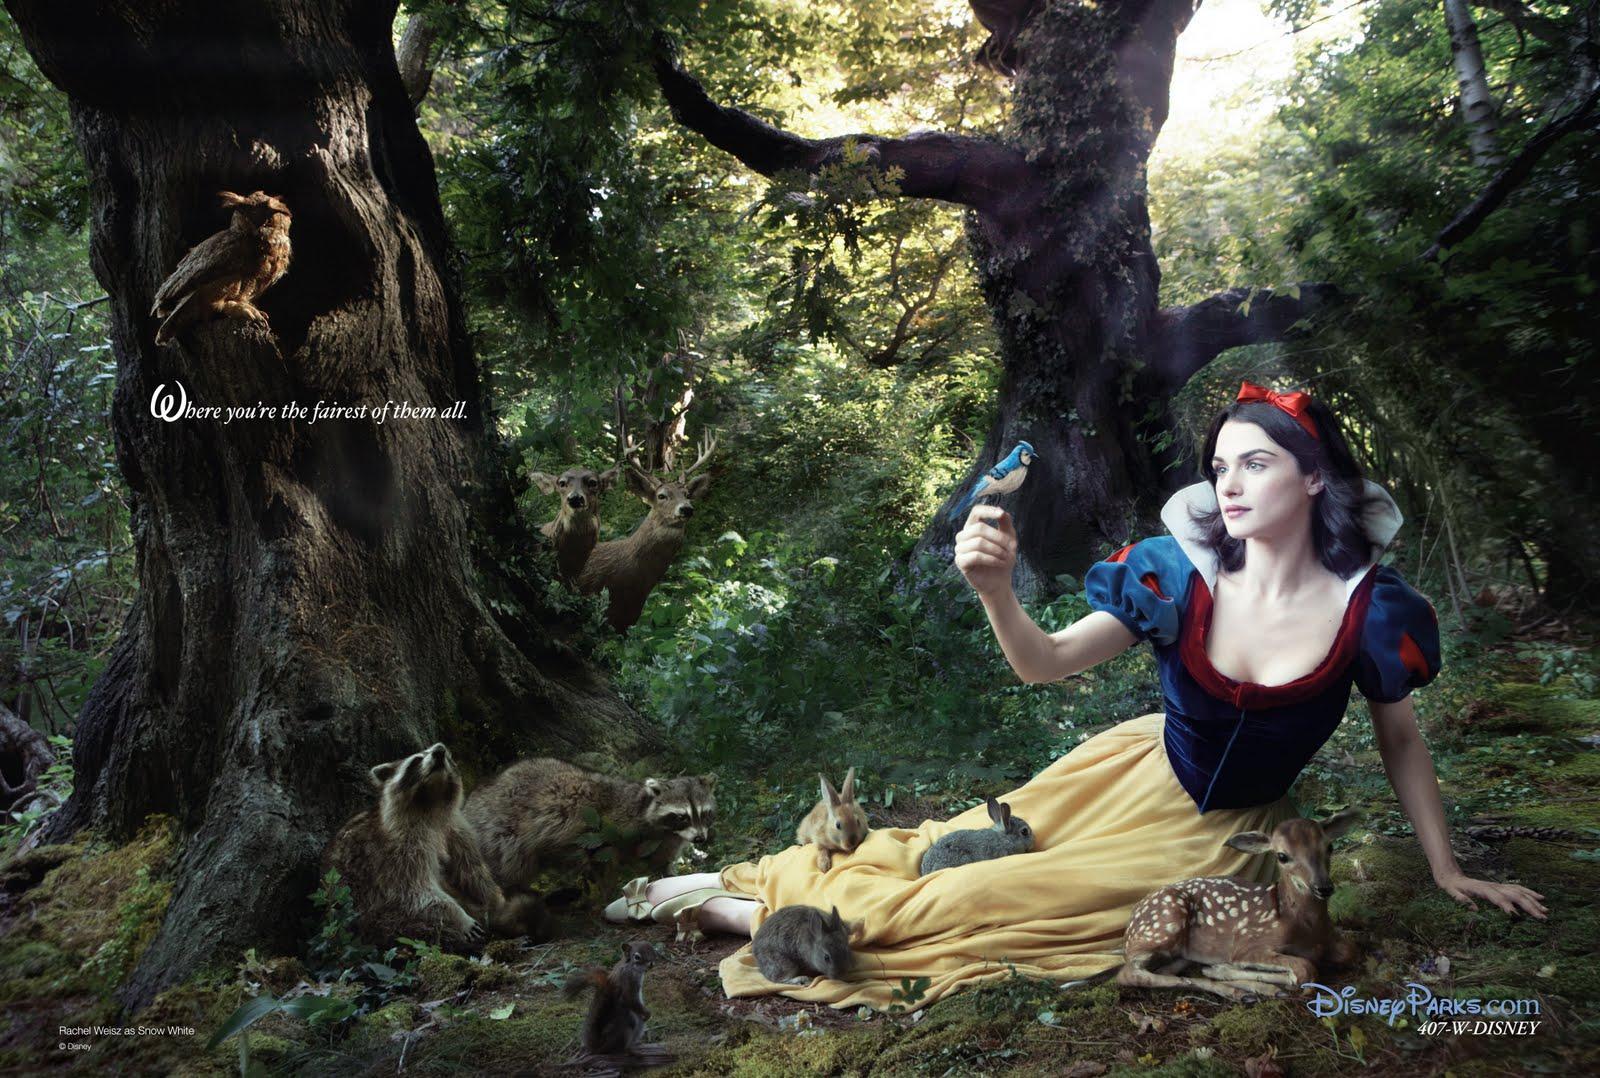 http://1.bp.blogspot.com/_I7XOIp9VbeE/TIW2YXrM6zI/AAAAAAAAAFg/avhZ27LX0Lw/s1600/Liebovitz.Rachel.jpg